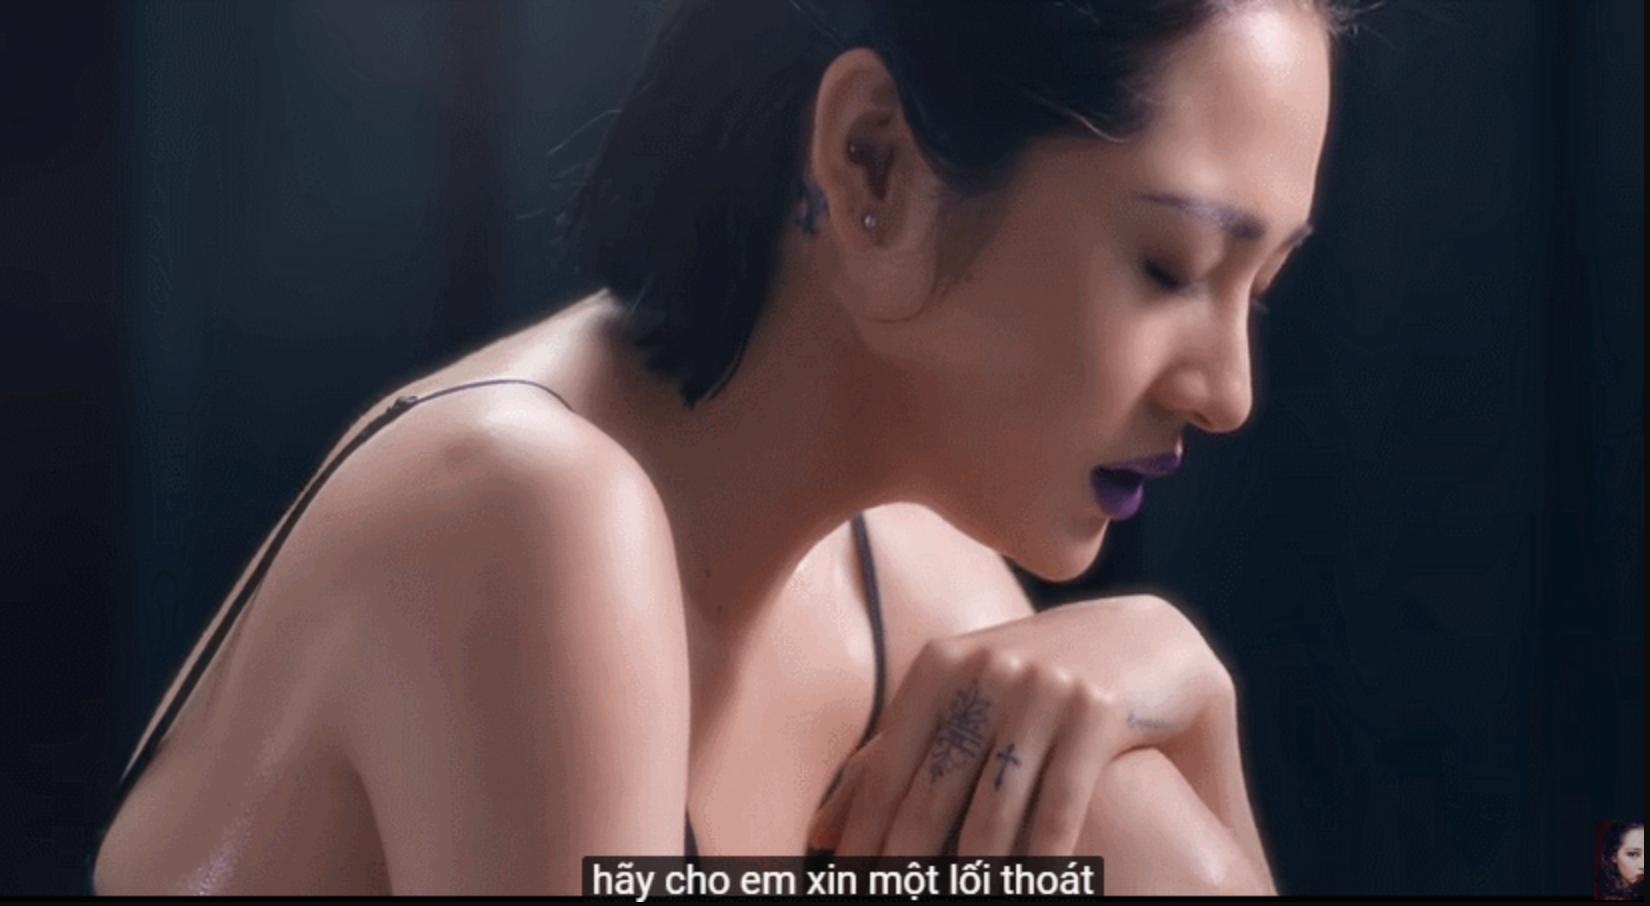 Ai khóc nỗi đau này cho Lee Hi, ngay khi come back thì chủ tịch YG dính cáo buộc môi giới mại dâm chấn động - Ảnh 6.